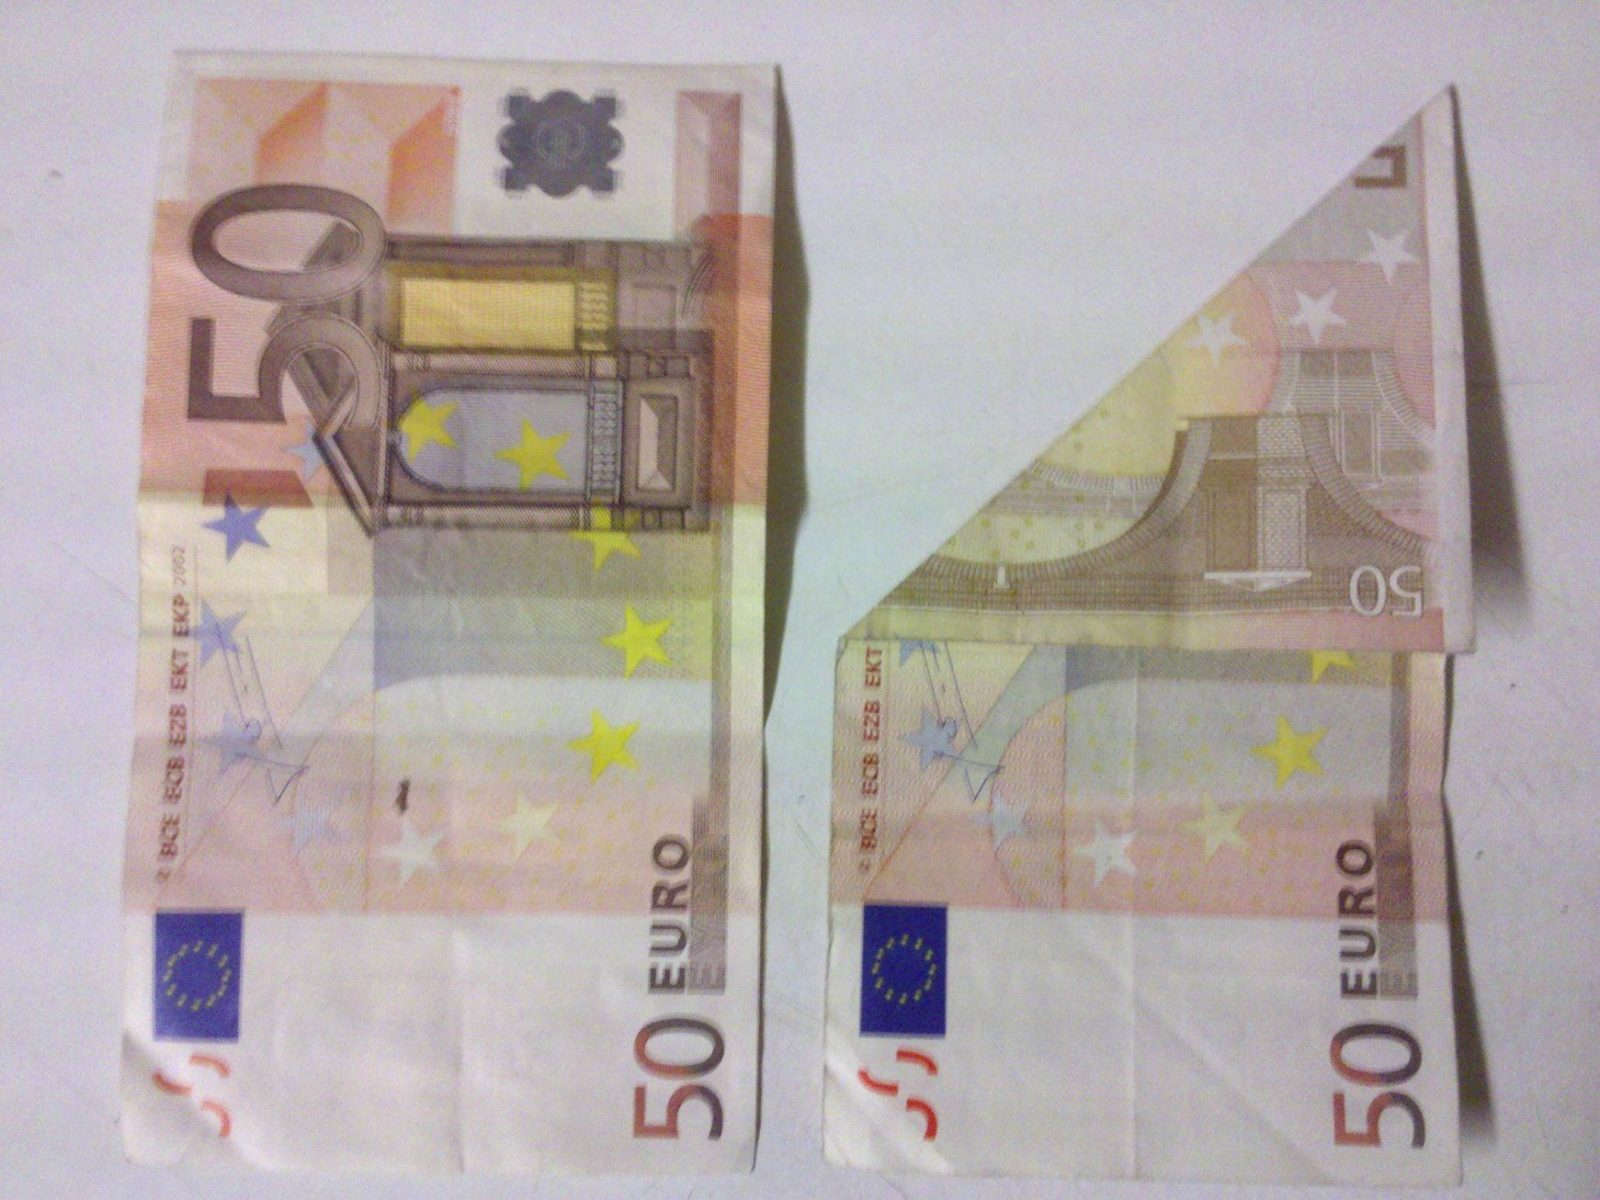 Fisch Aus Einem Geldschein Falten  Origami Mit Geldscheinen von Fisch Aus Geldschein Falten Bild